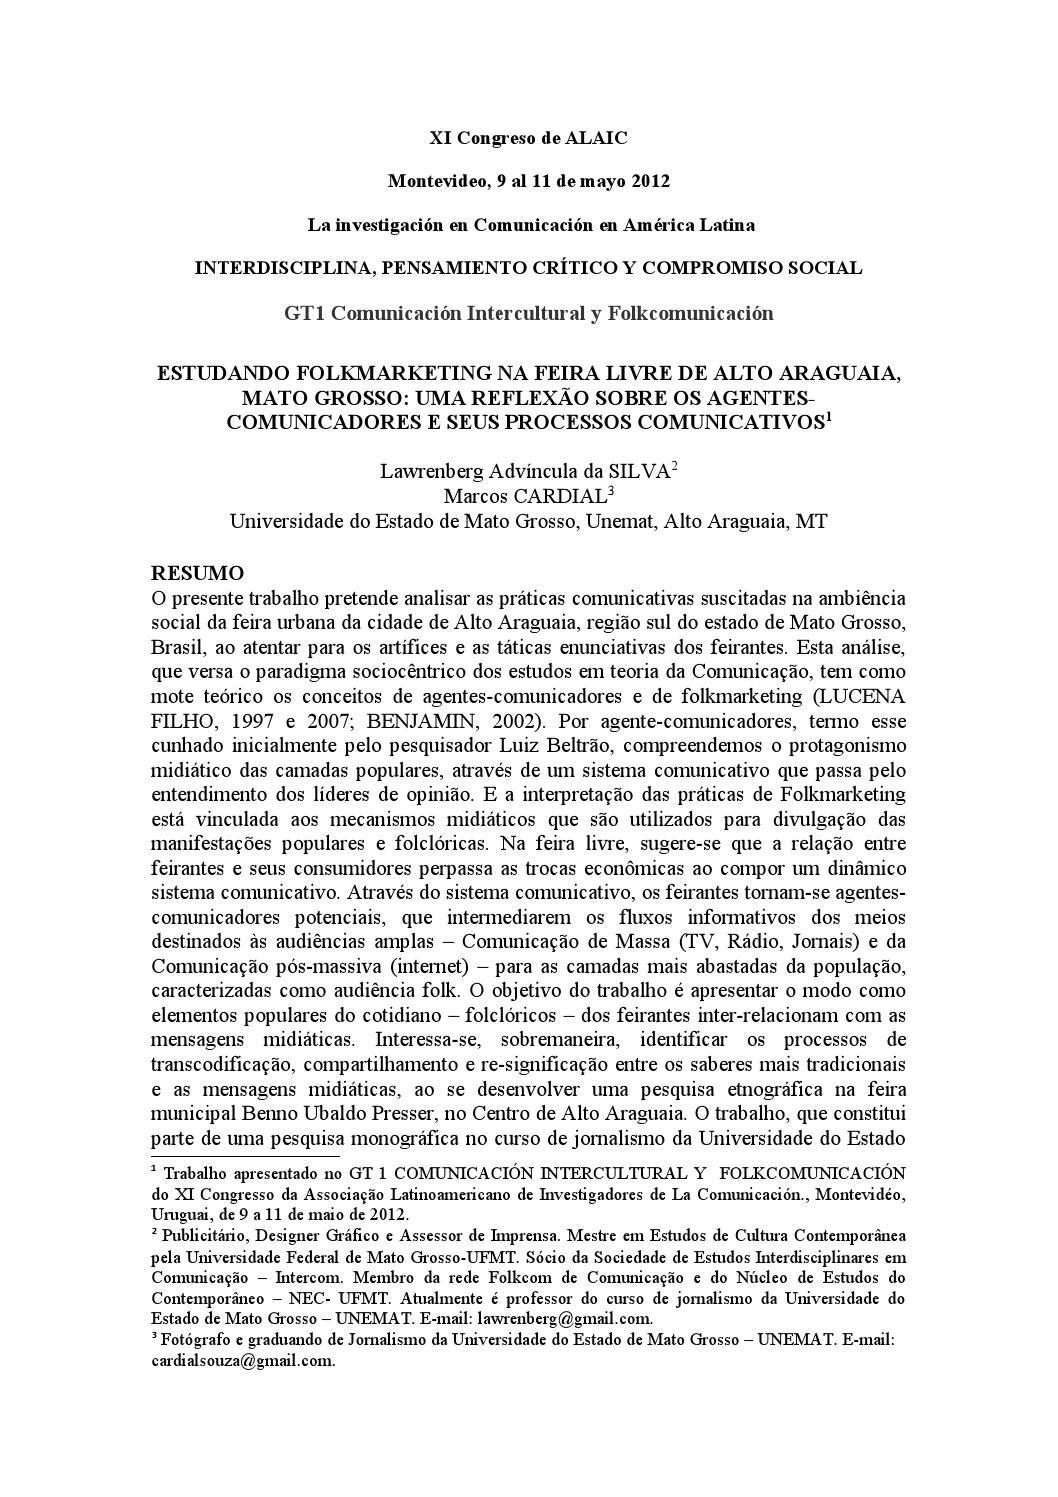 XI Congresso ALAIC - GT1 - Parte 2 2 by ALAIC - issuu ef8c31a99ed50